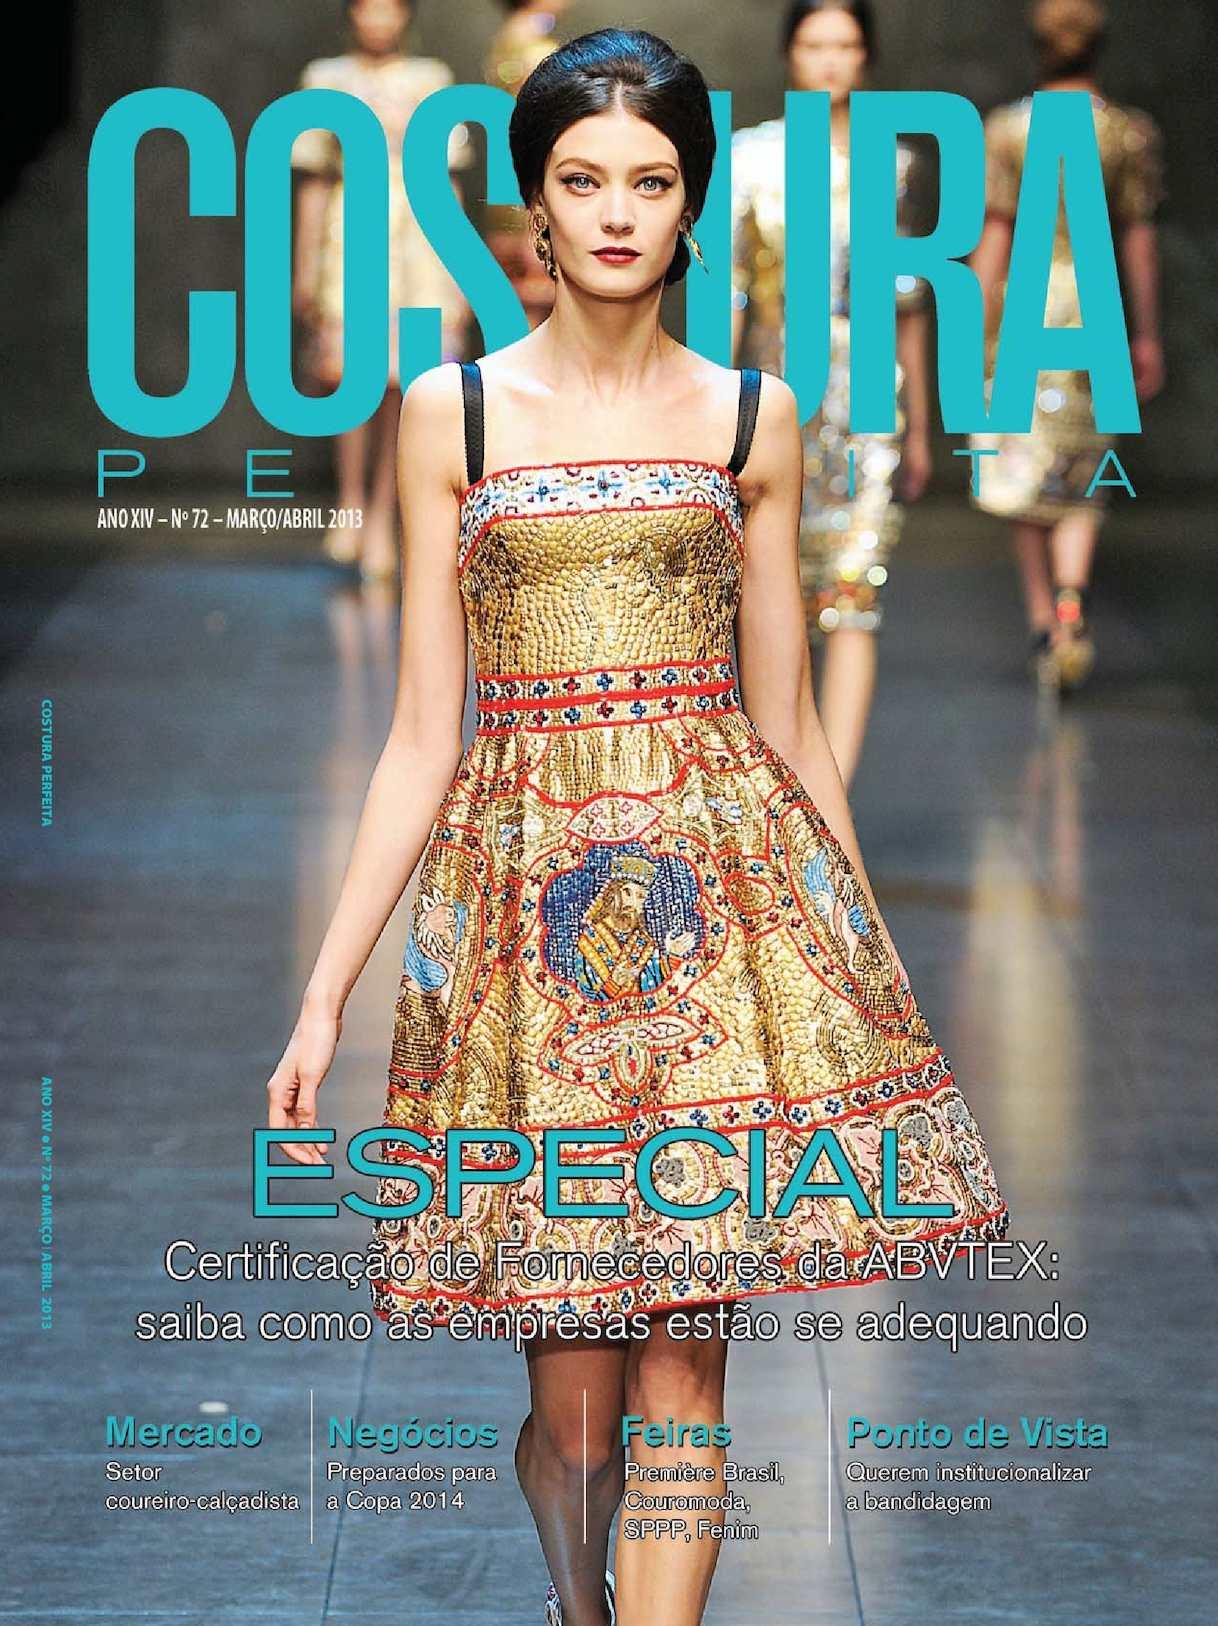 f2ef632b3 Calaméo - Revista Costura Perfeita Edição Ano XIV - N72 - Março-Abril 2013